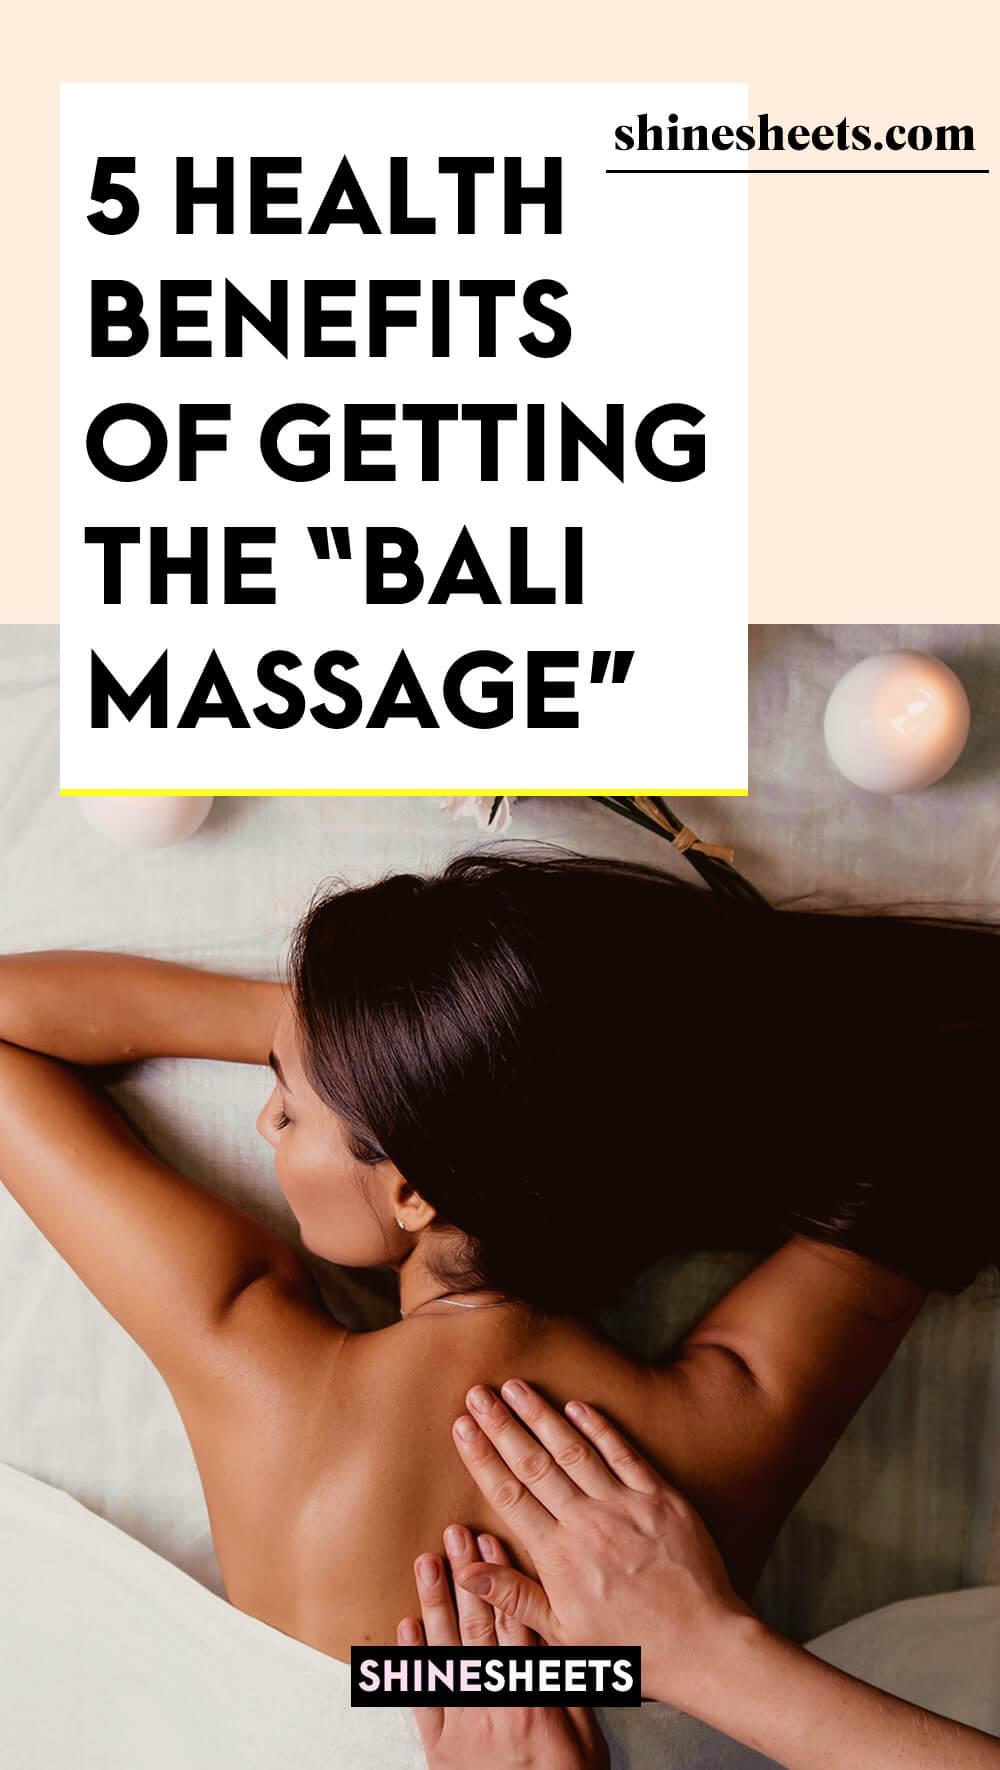 woman enjoying all the benefits of balinese massage